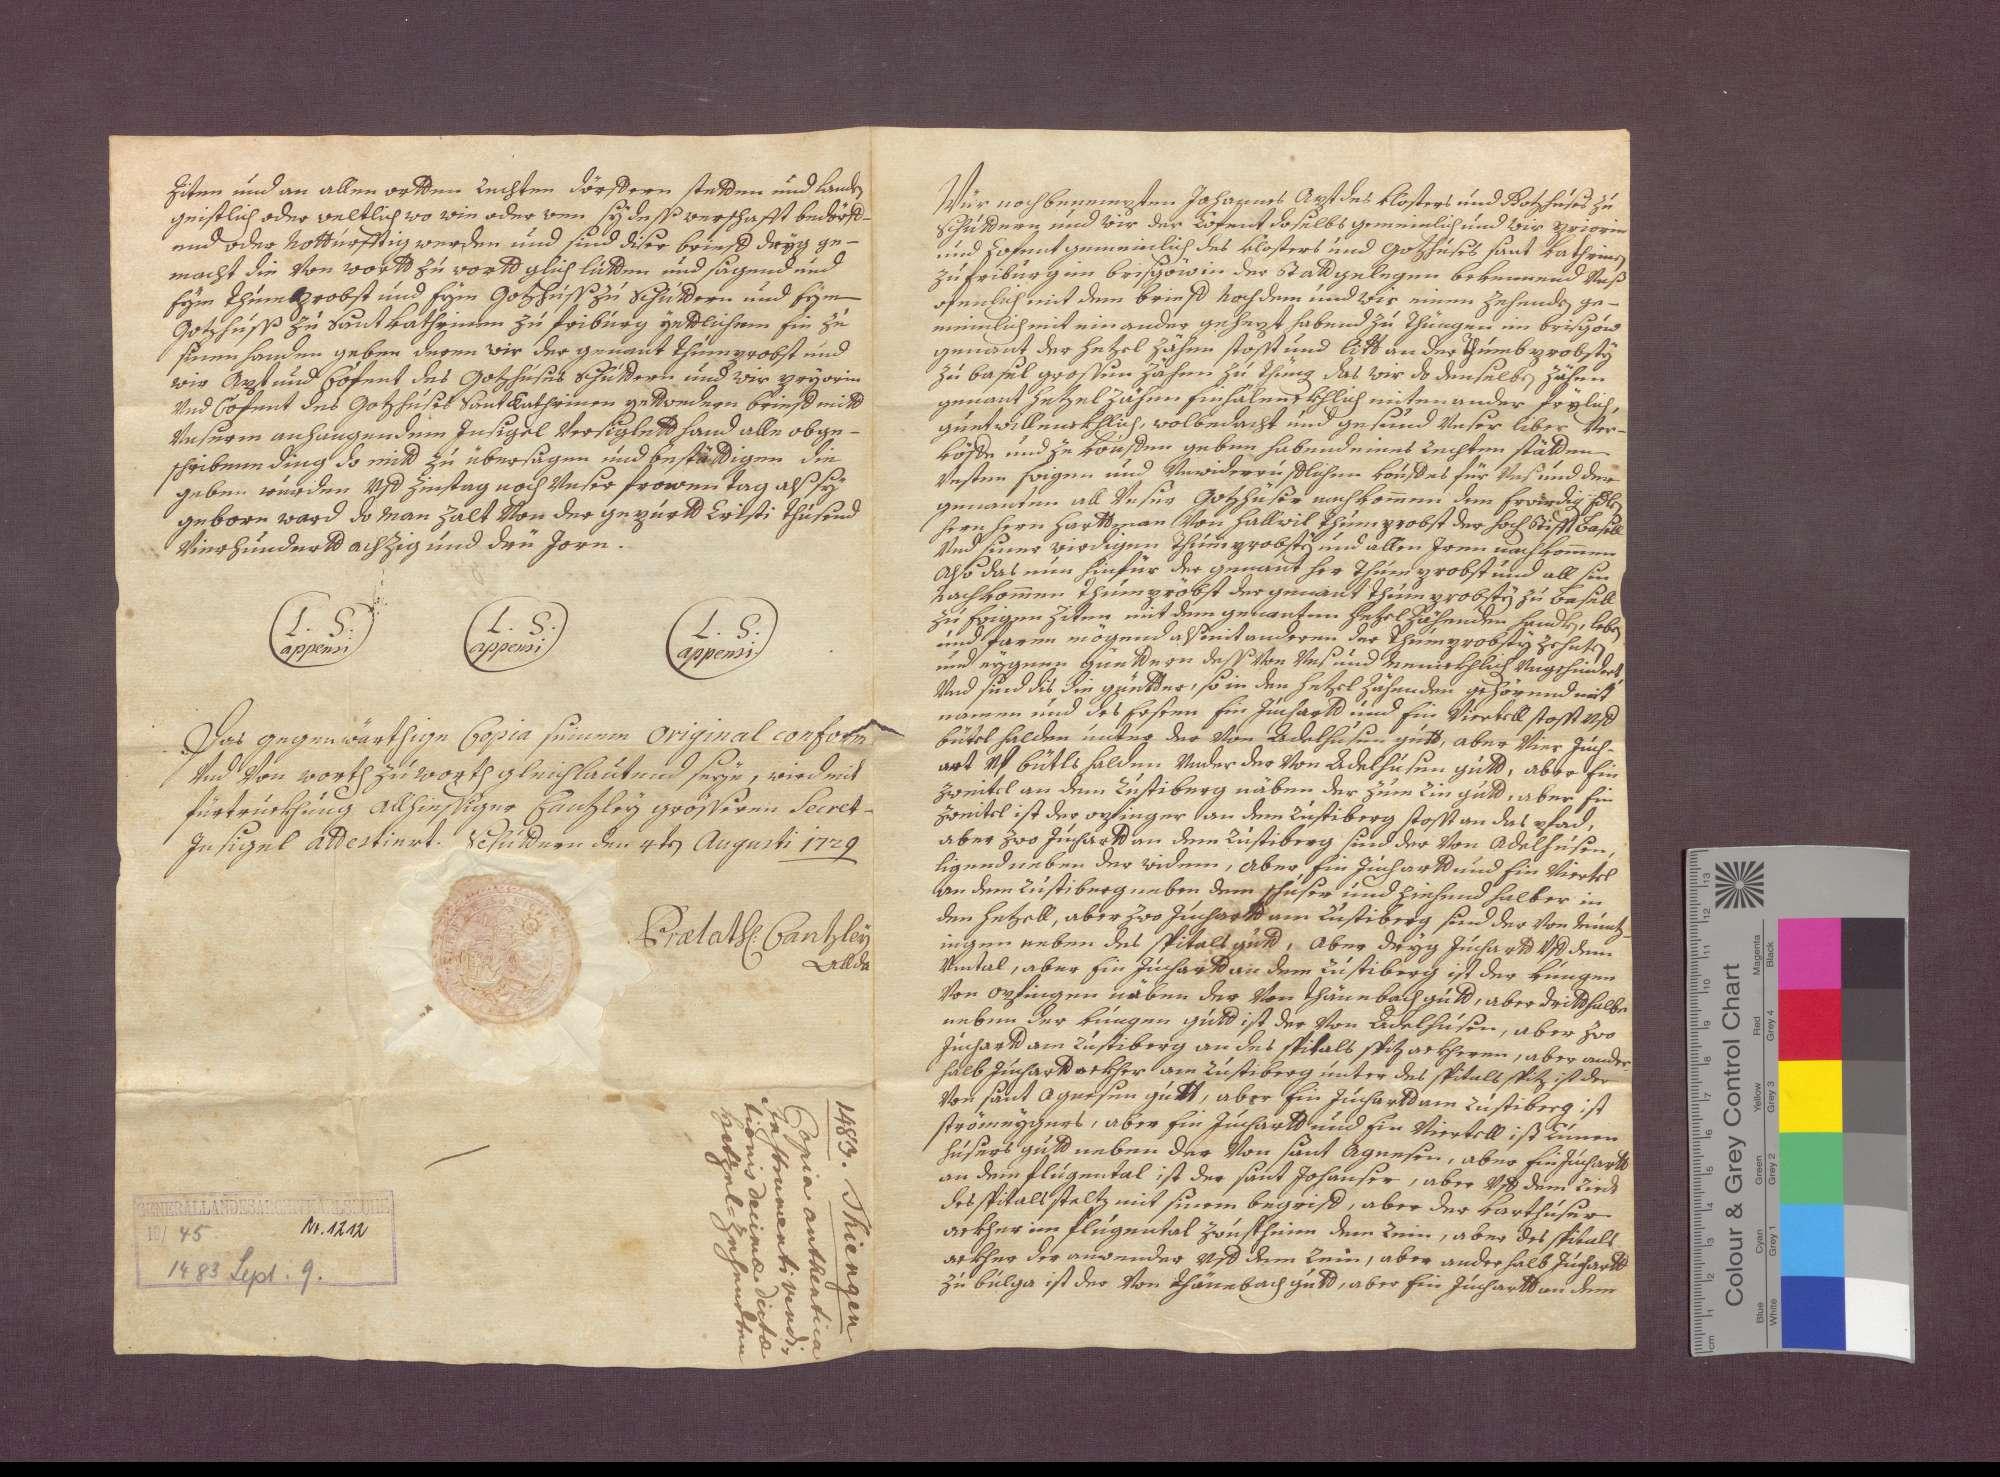 Das Kloster Schuttern und das Kloster St. Katharina in Freiburg verkaufen den Hetzelzehnt zu Tiengen an die Basler Domprostei., Bild 1